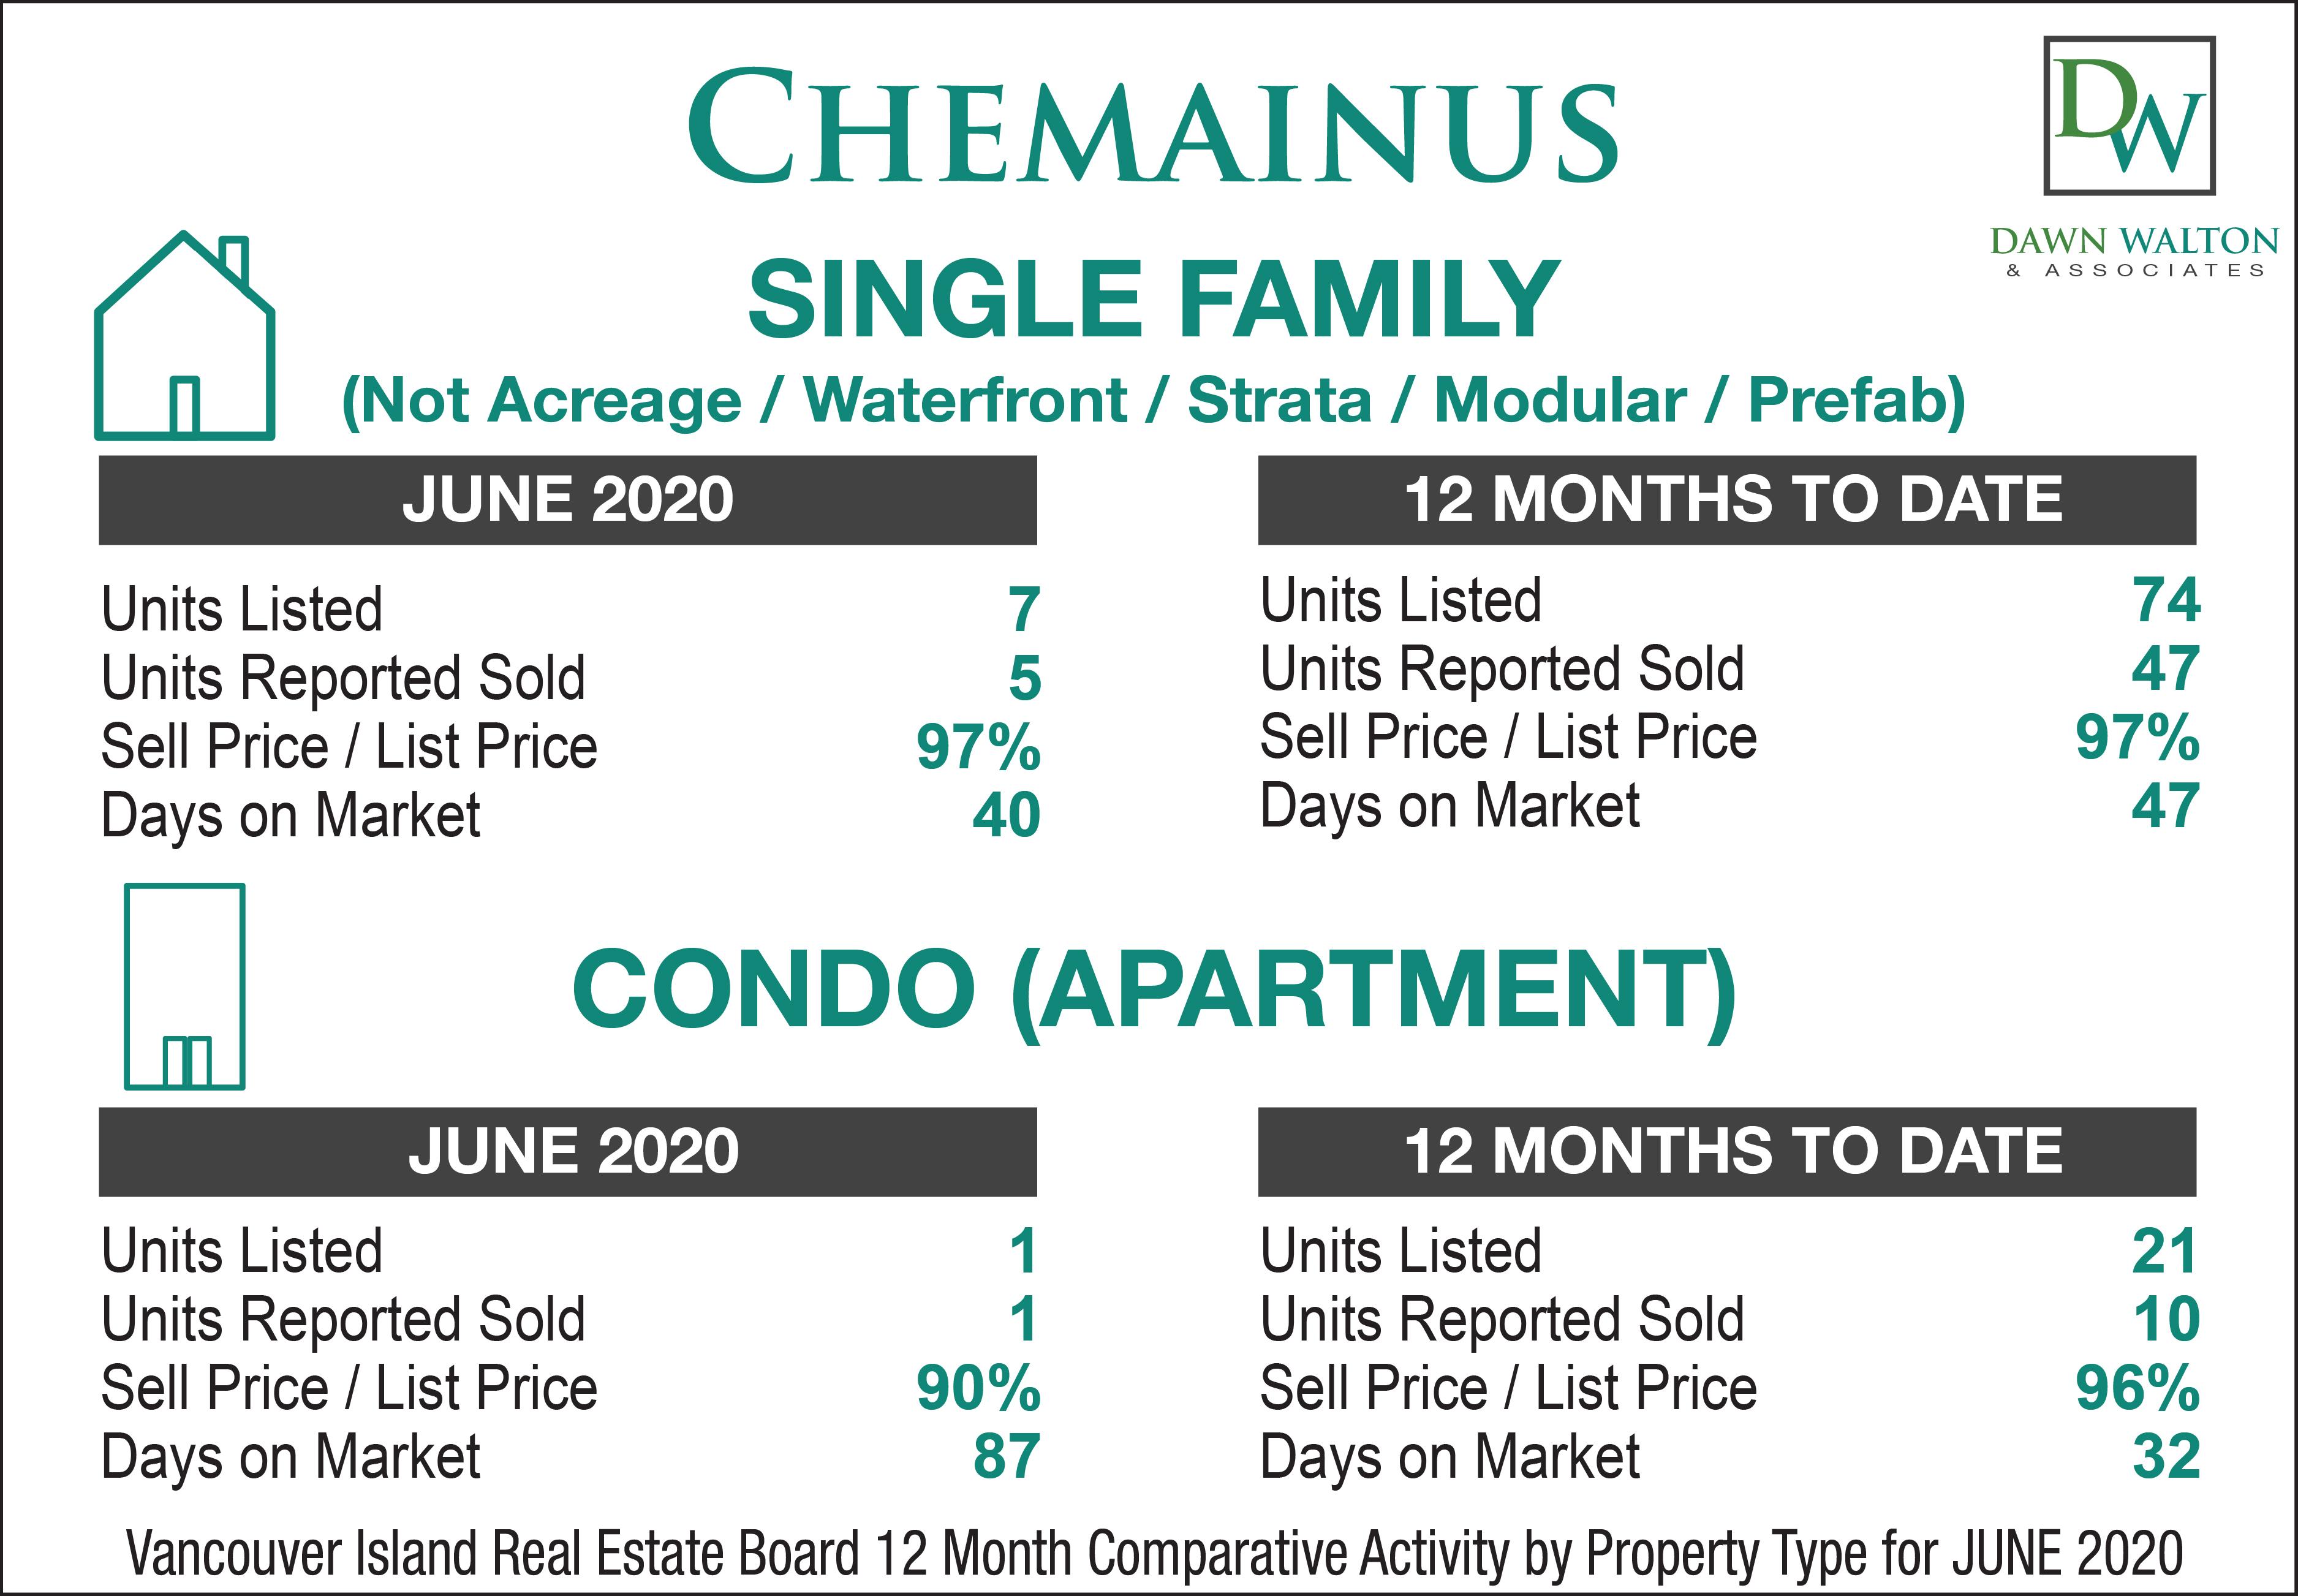 Chemainus Real Estate Market Stats June 2020 - Nanaimo Realtor Dawn Walton